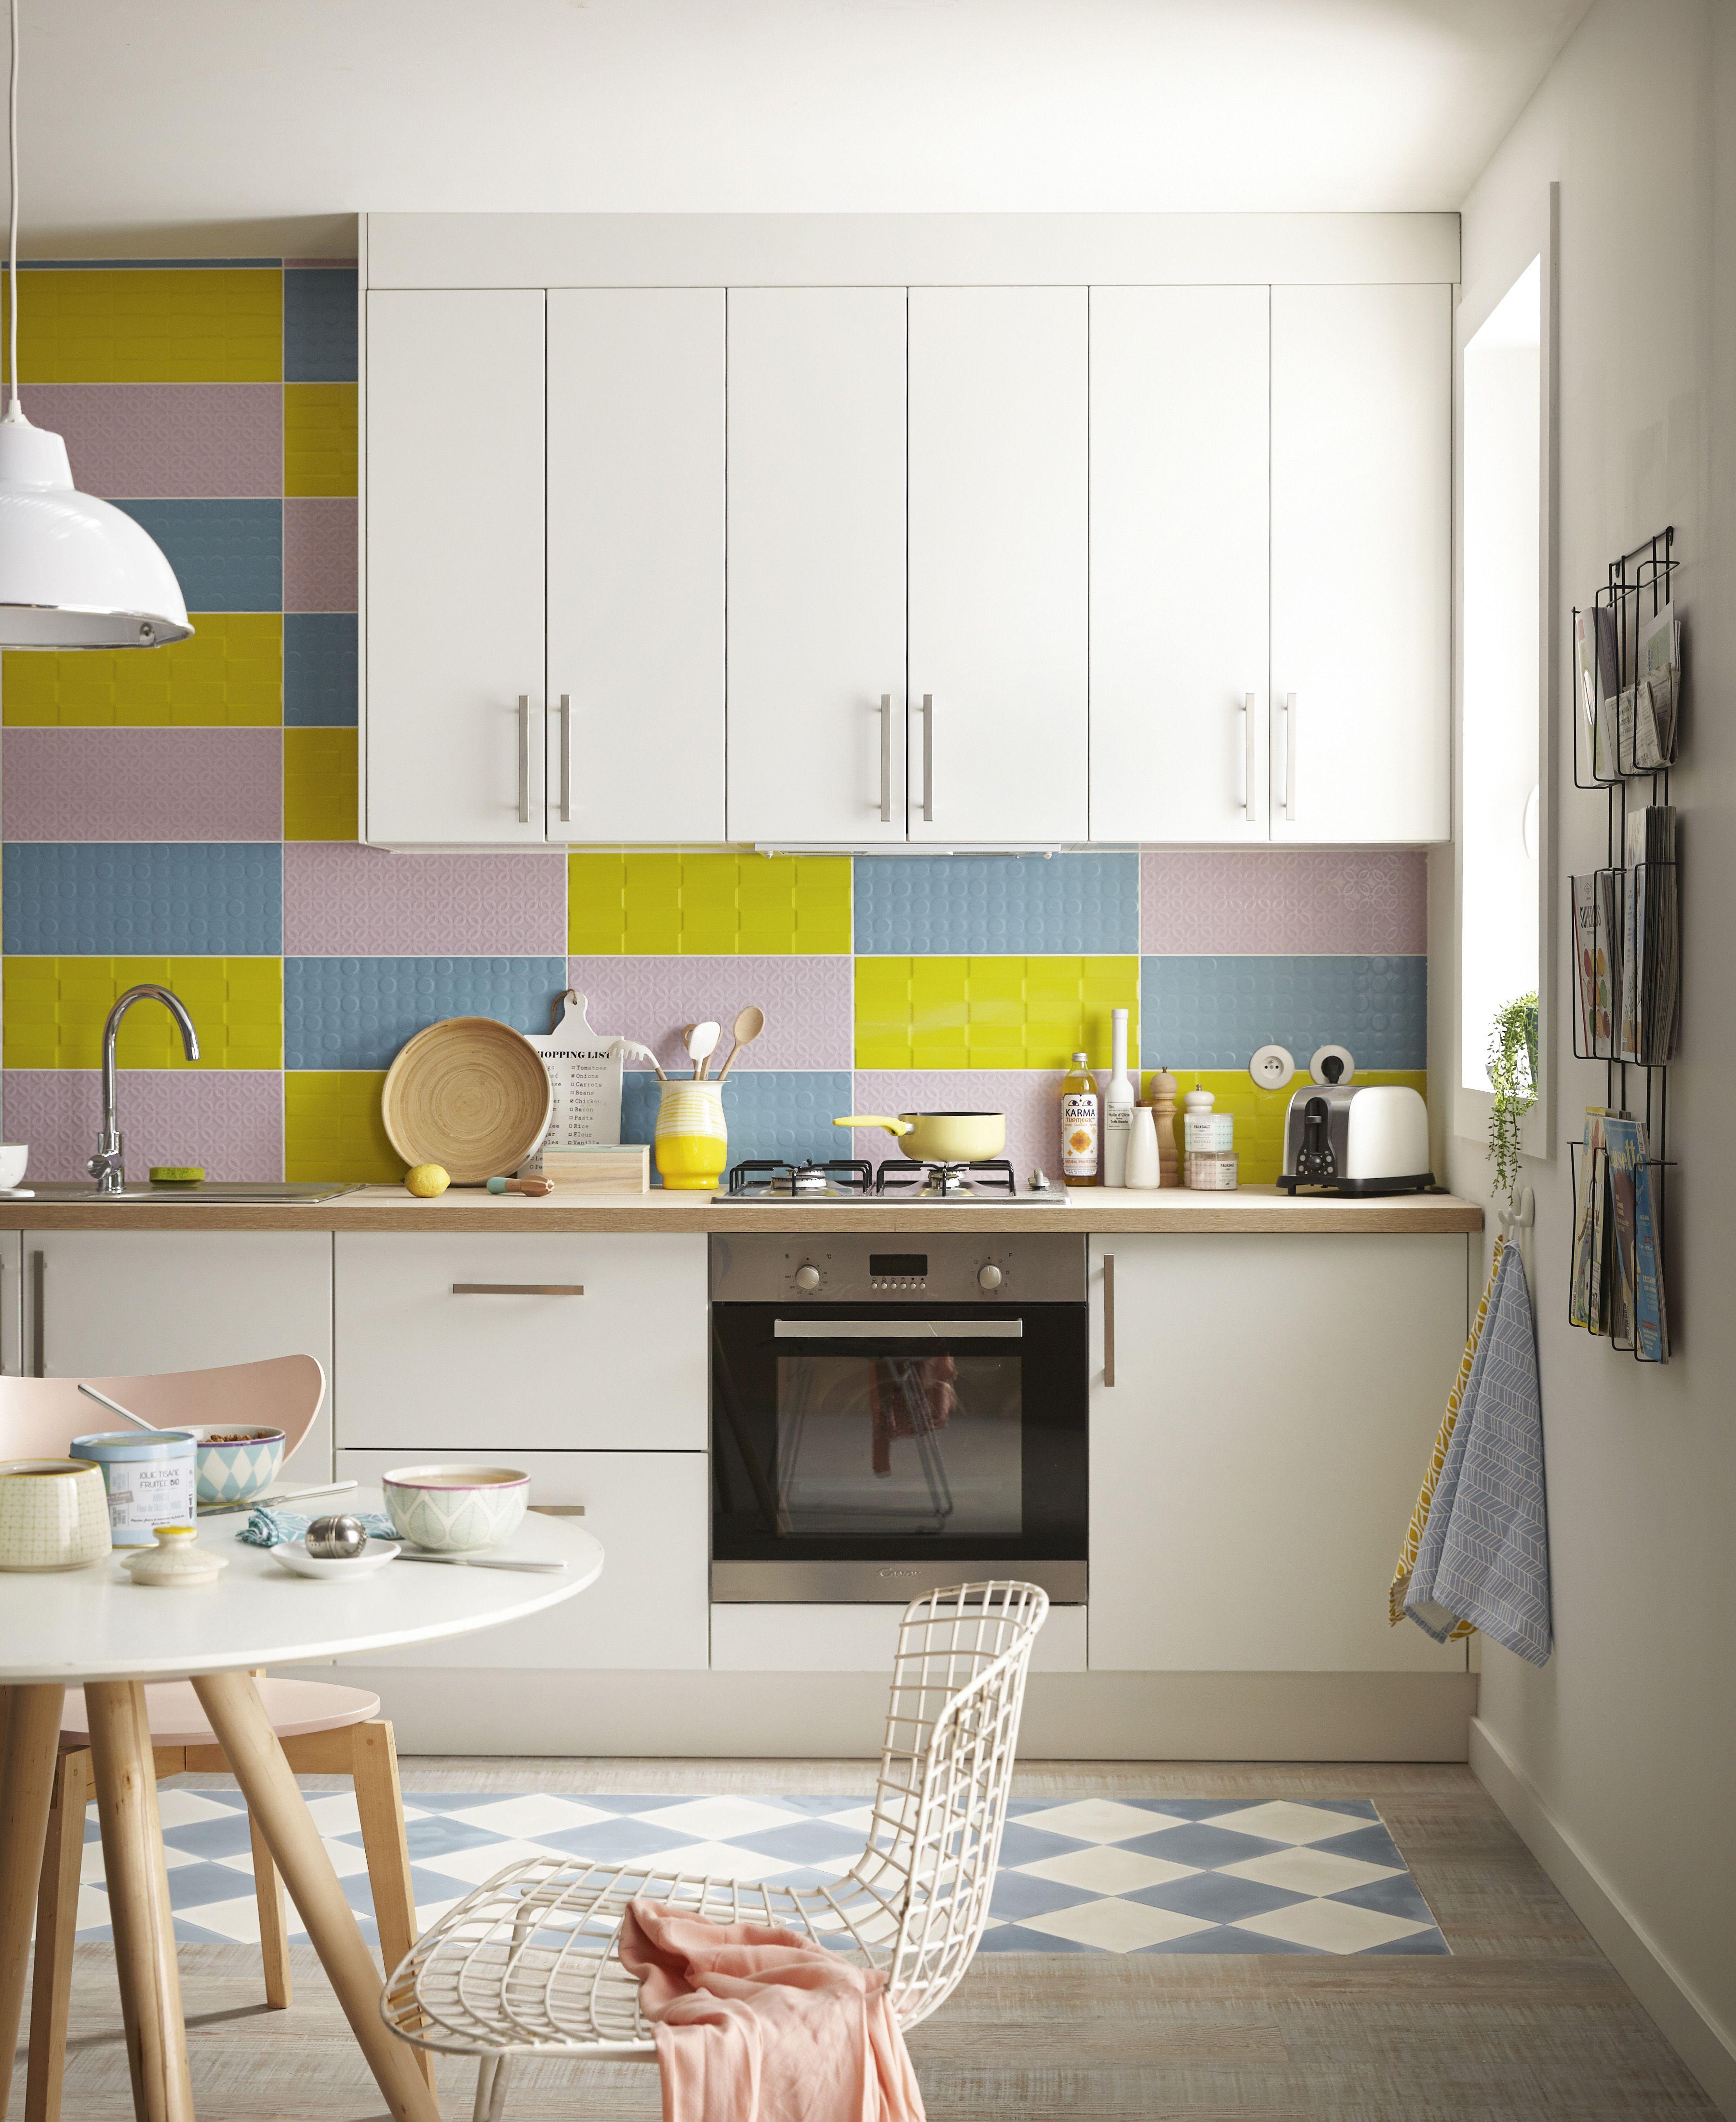 Cuisine Blanche Mur Coloré cuisine moderne ouverte avec meubles de cuisine blancs et